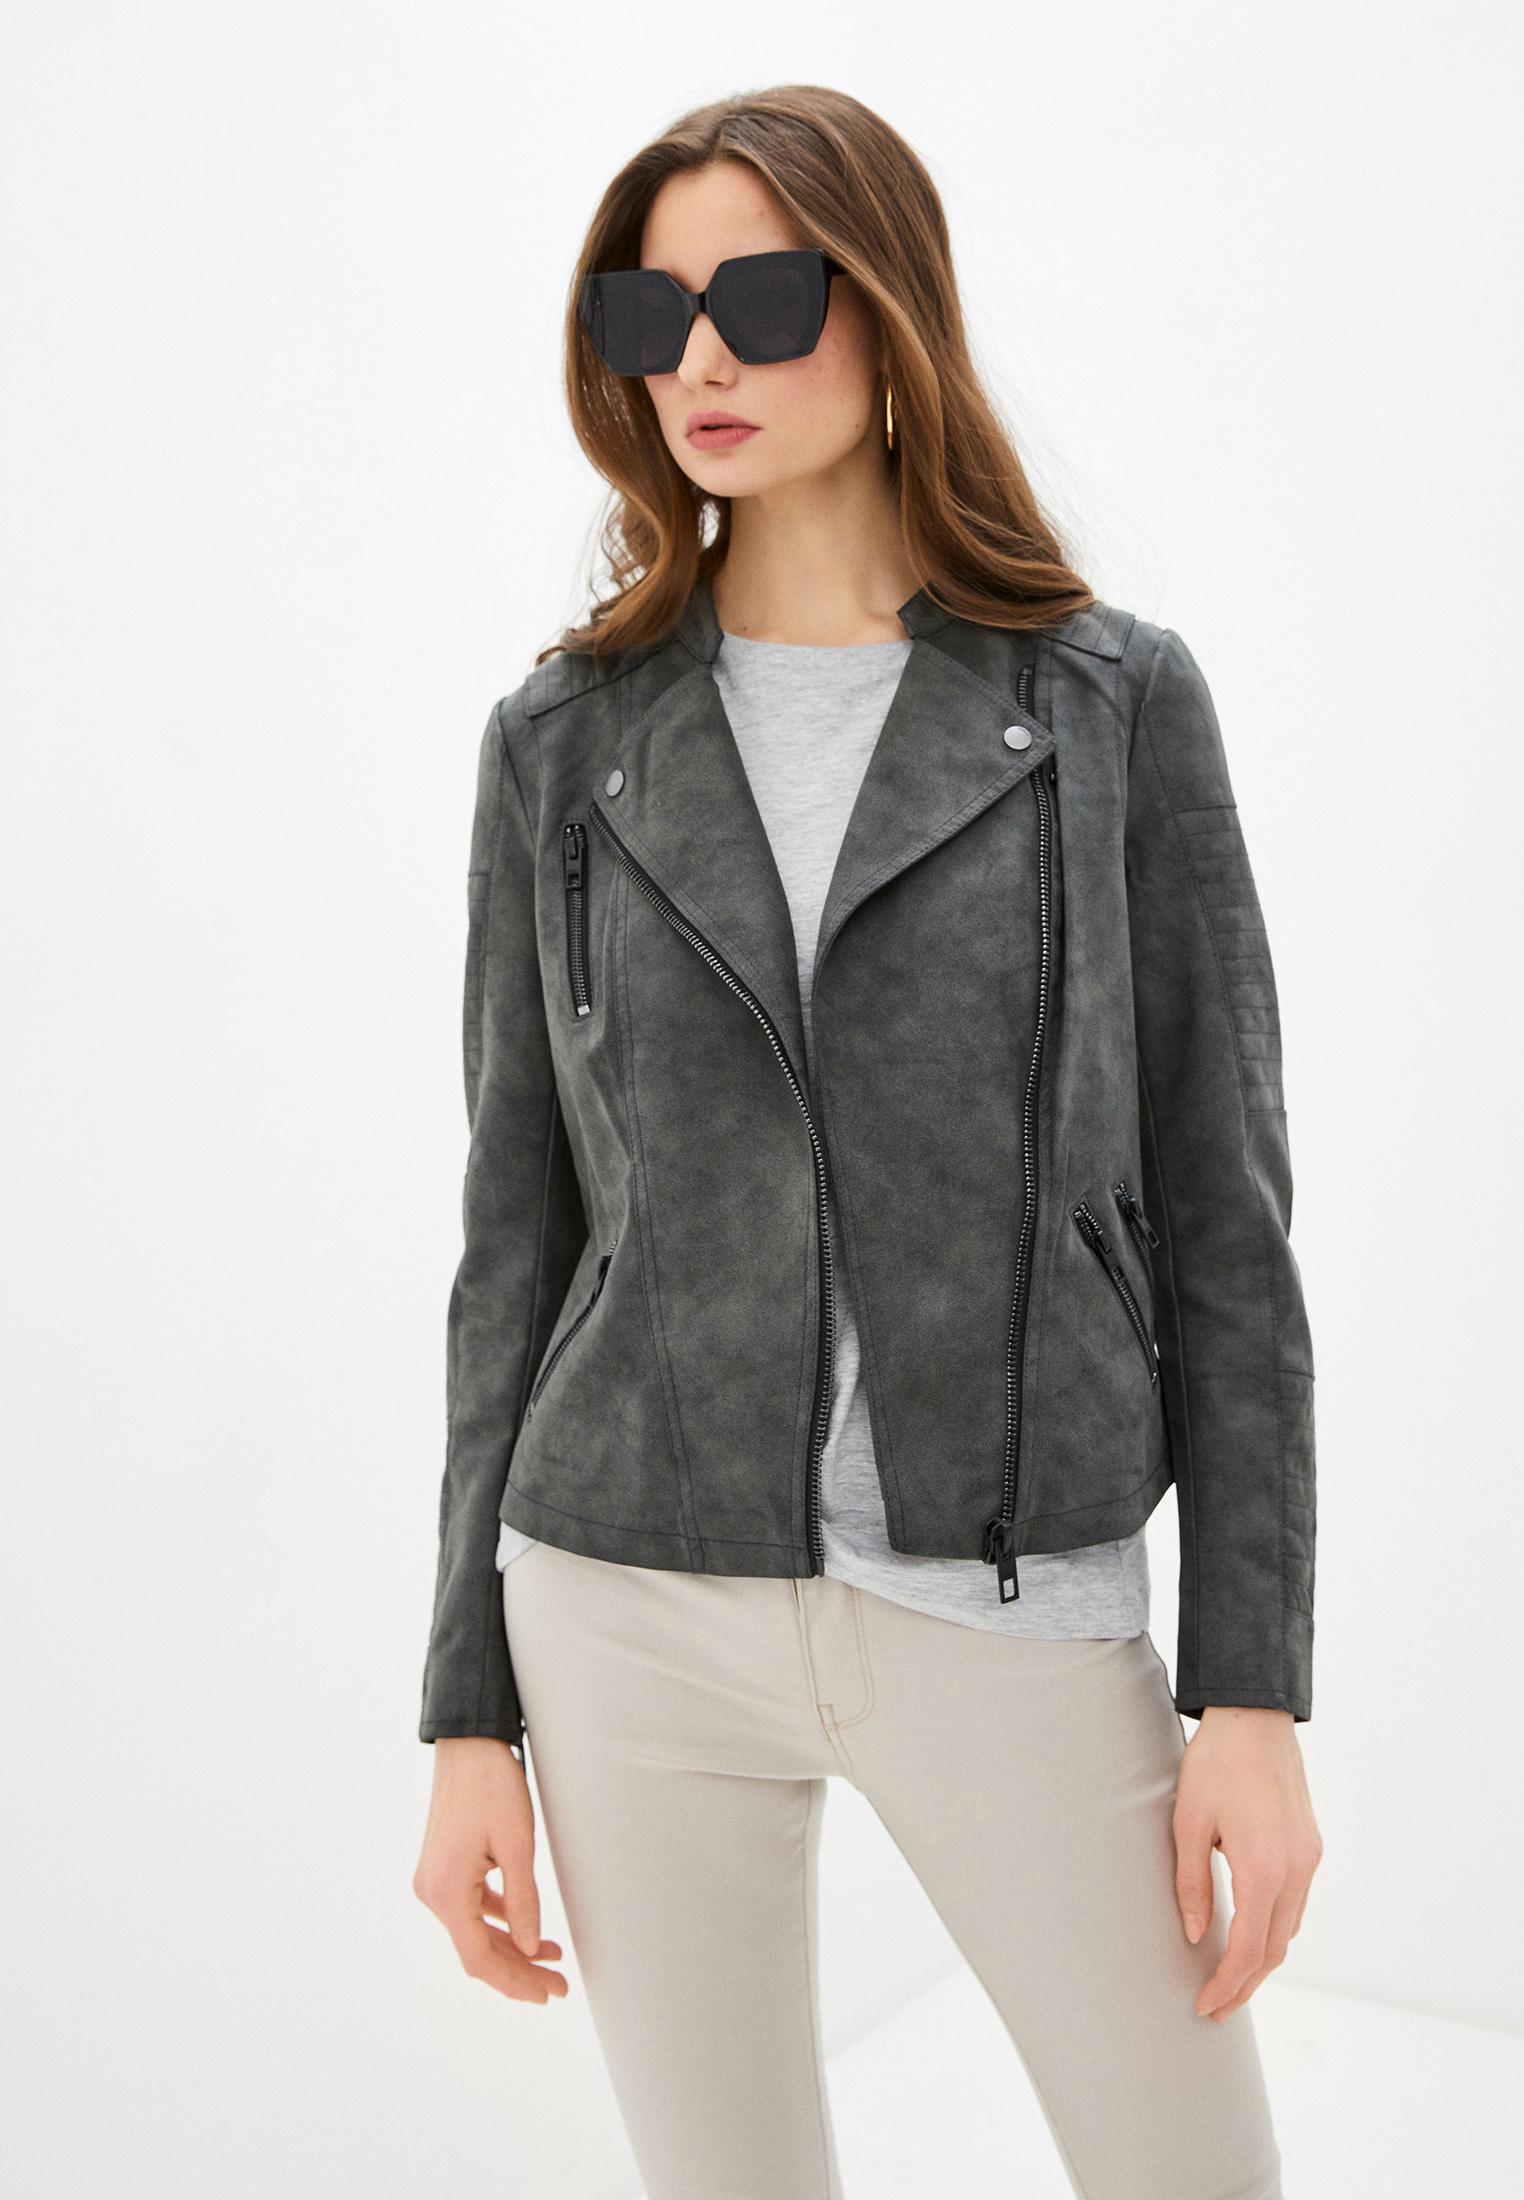 Кожаная куртка Only (Онли) Куртка кожаная Only